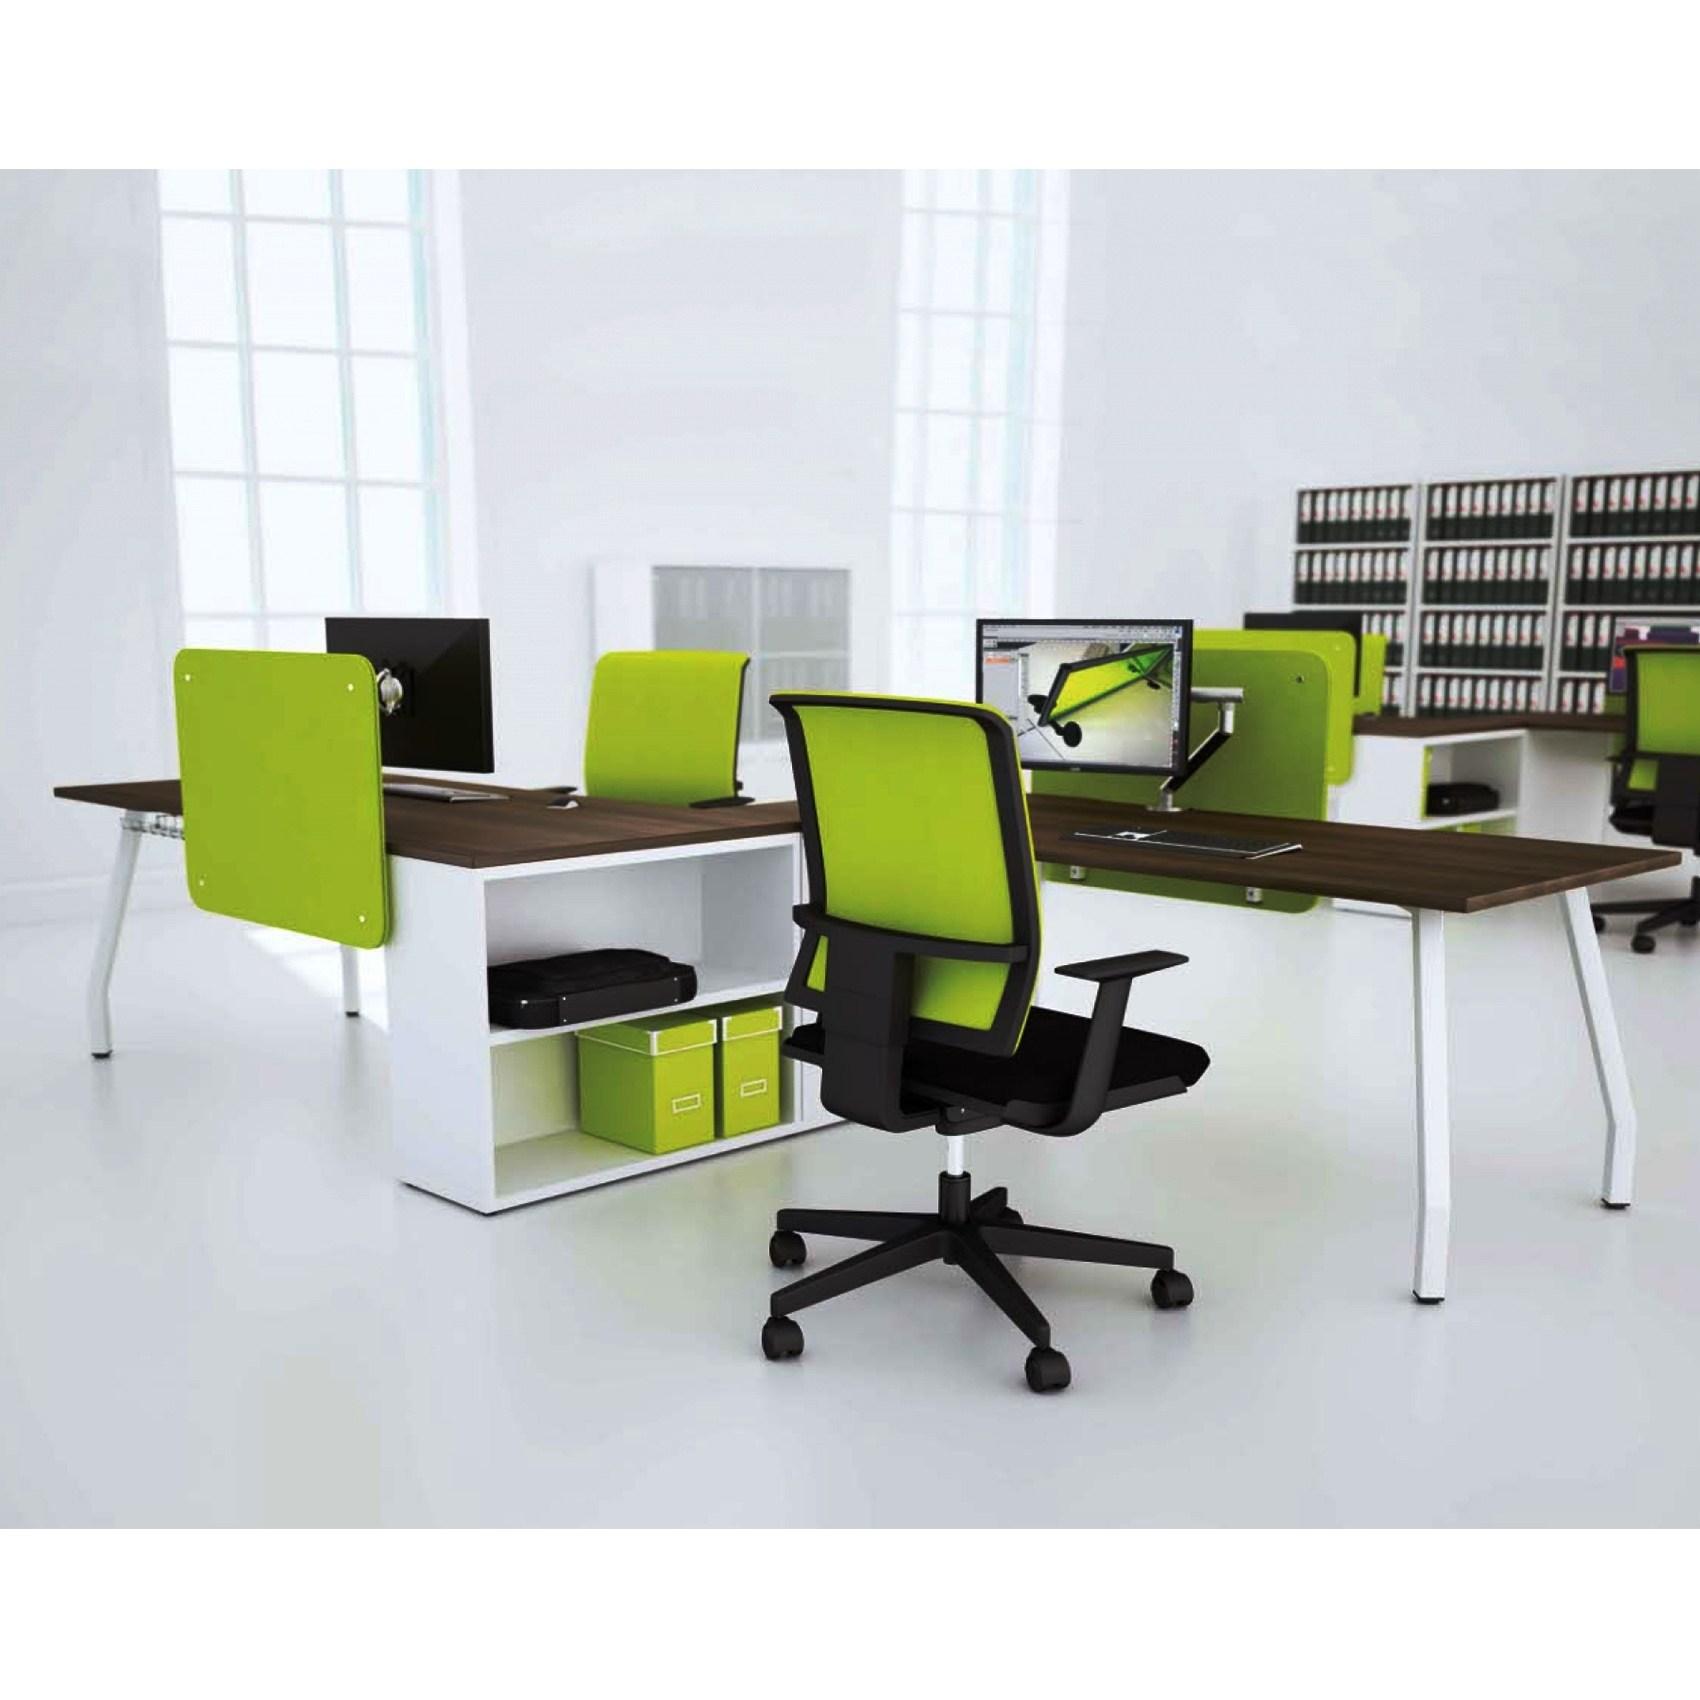 unique office desk ideas photo - 10